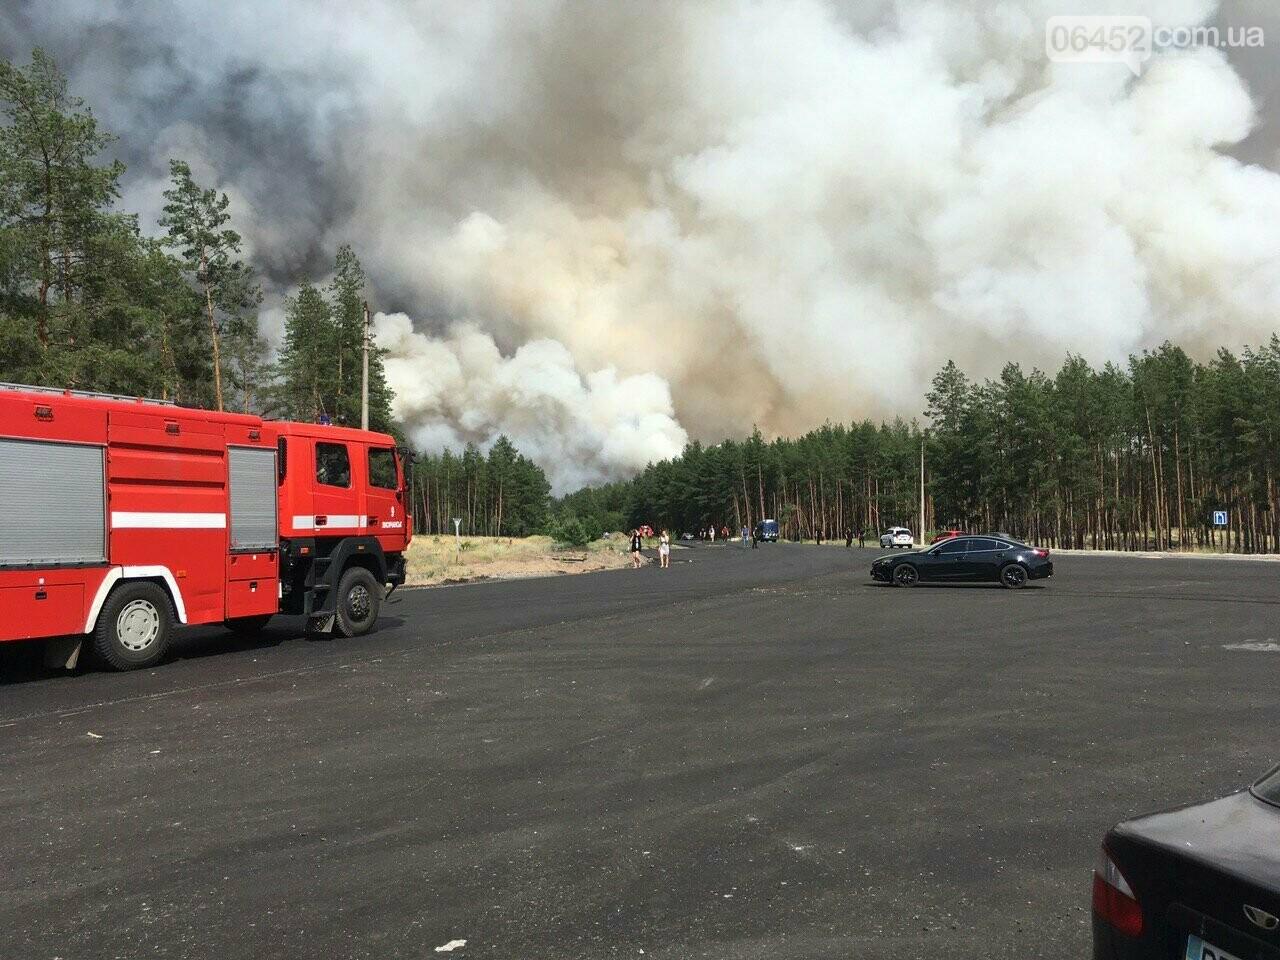 Пожары на Луганщине: главу области обвиняют в служебной халатности , фото-1